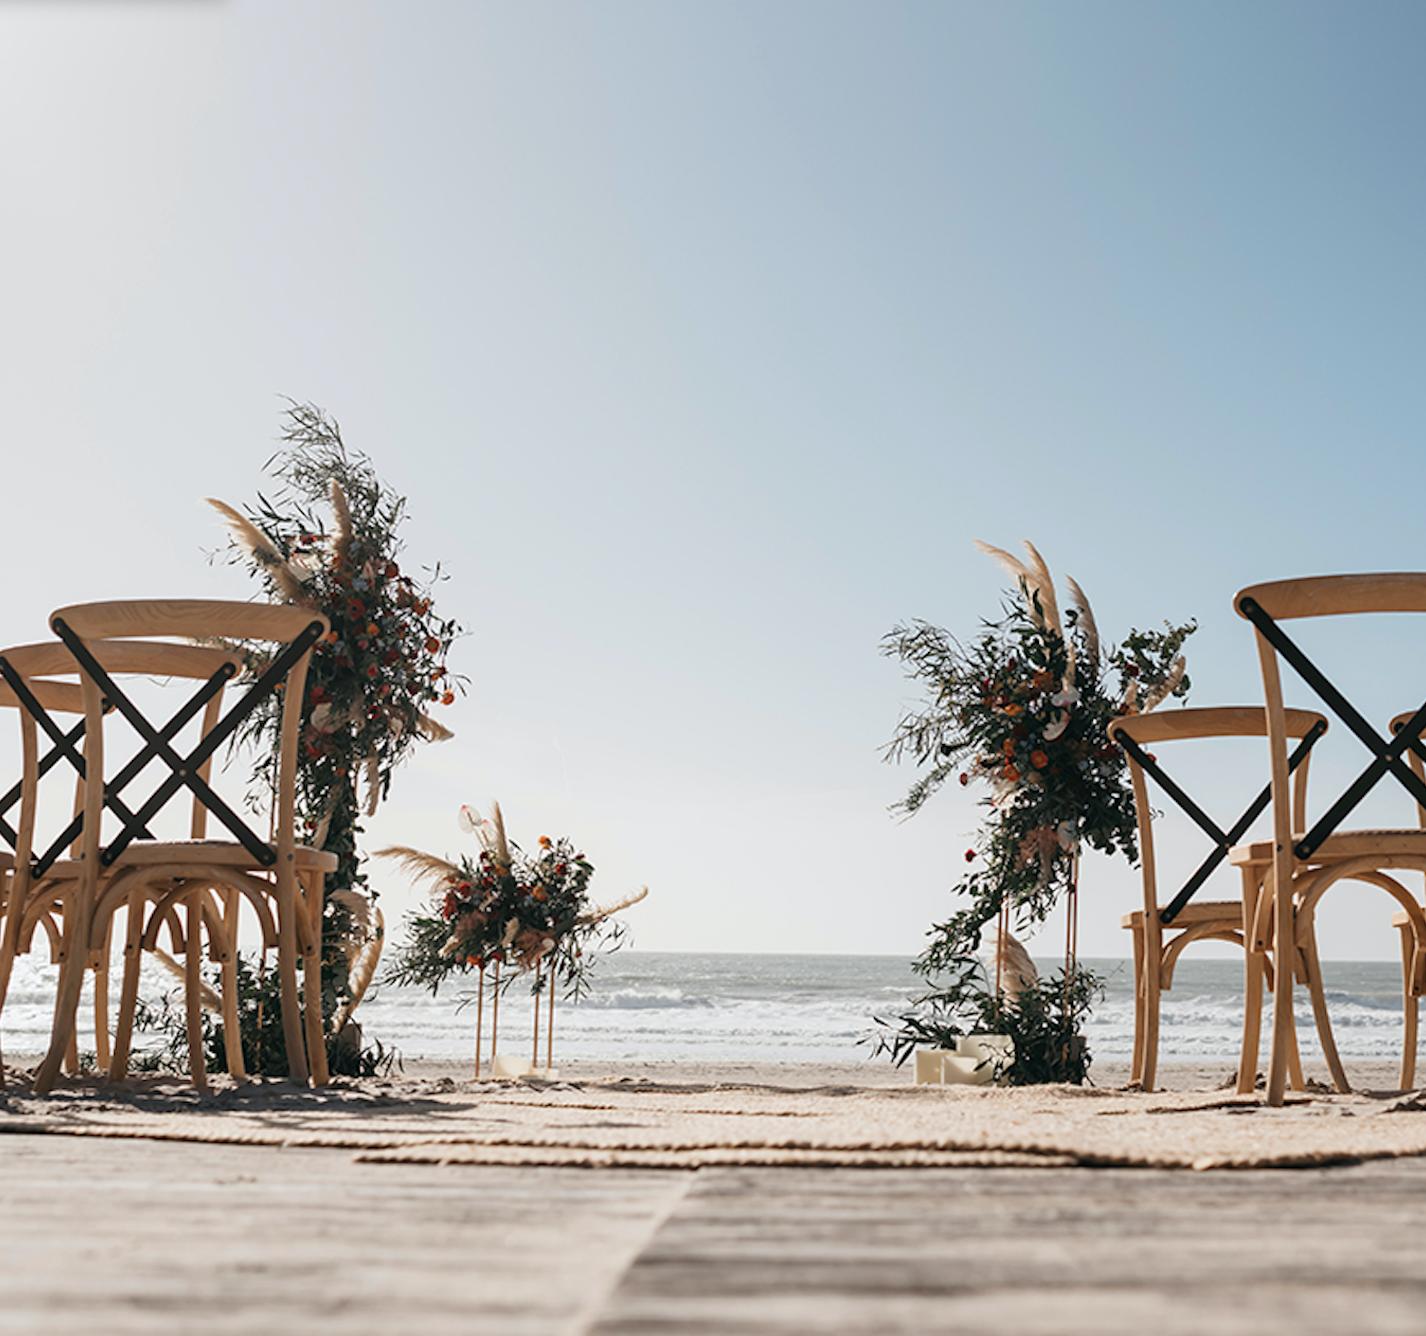 Eventos en Chiringuito Mojama Beach, Playa de La Barrosa, Chiclana